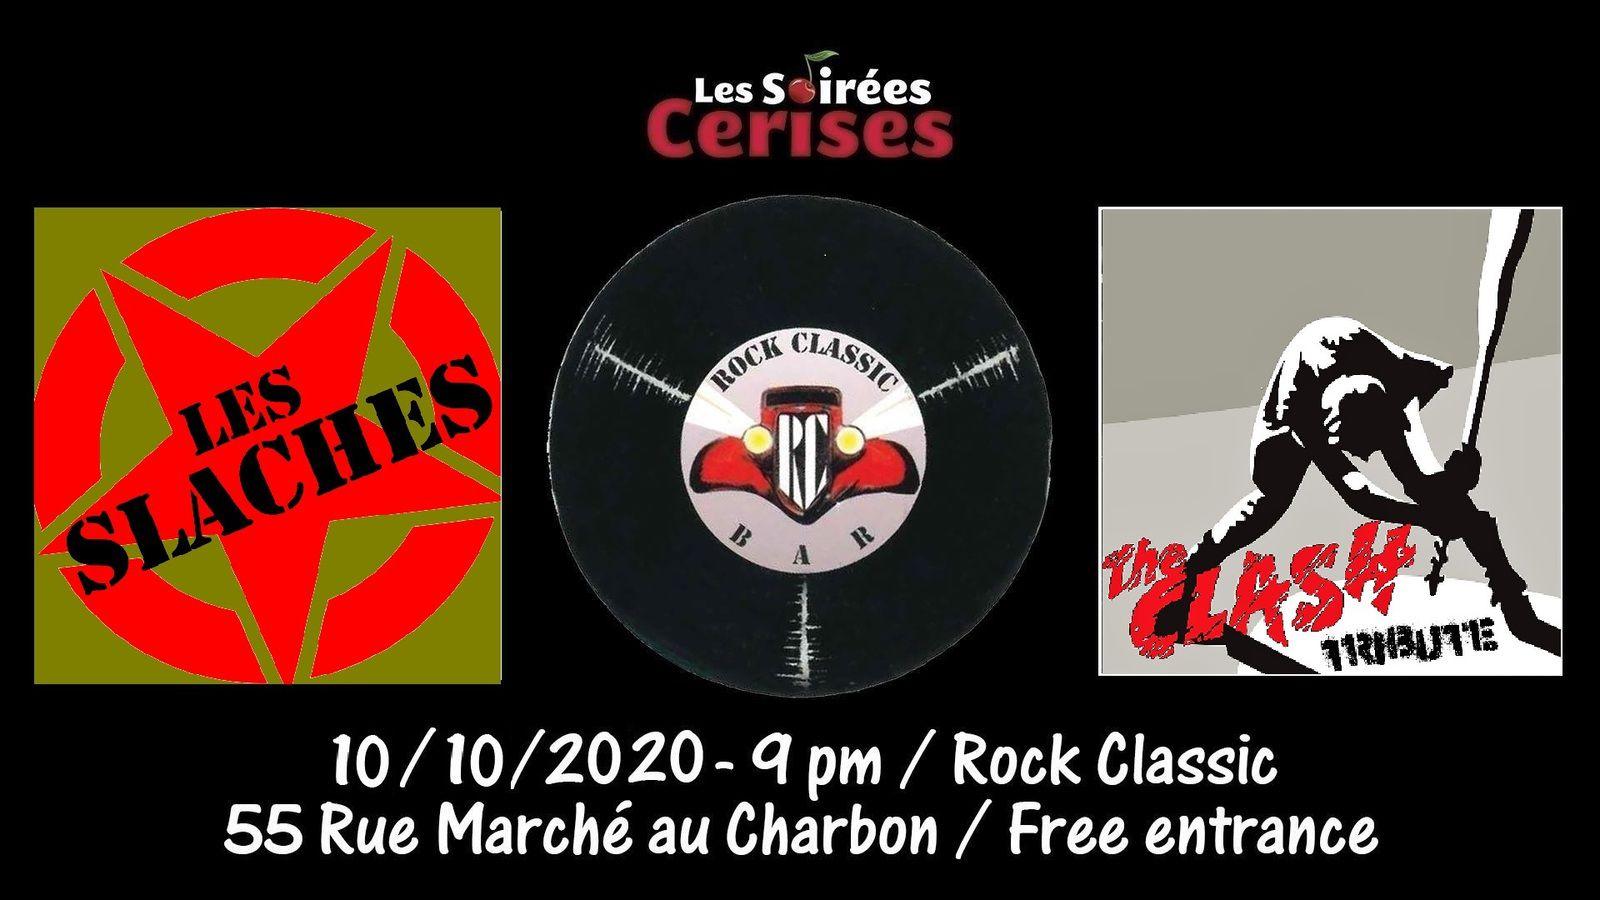 🎵 Les Slaches (THE CLASH tribute band) @ Rock Classic - 10/10/2020 - 21h00 - Entrée gratuite / Free entrance